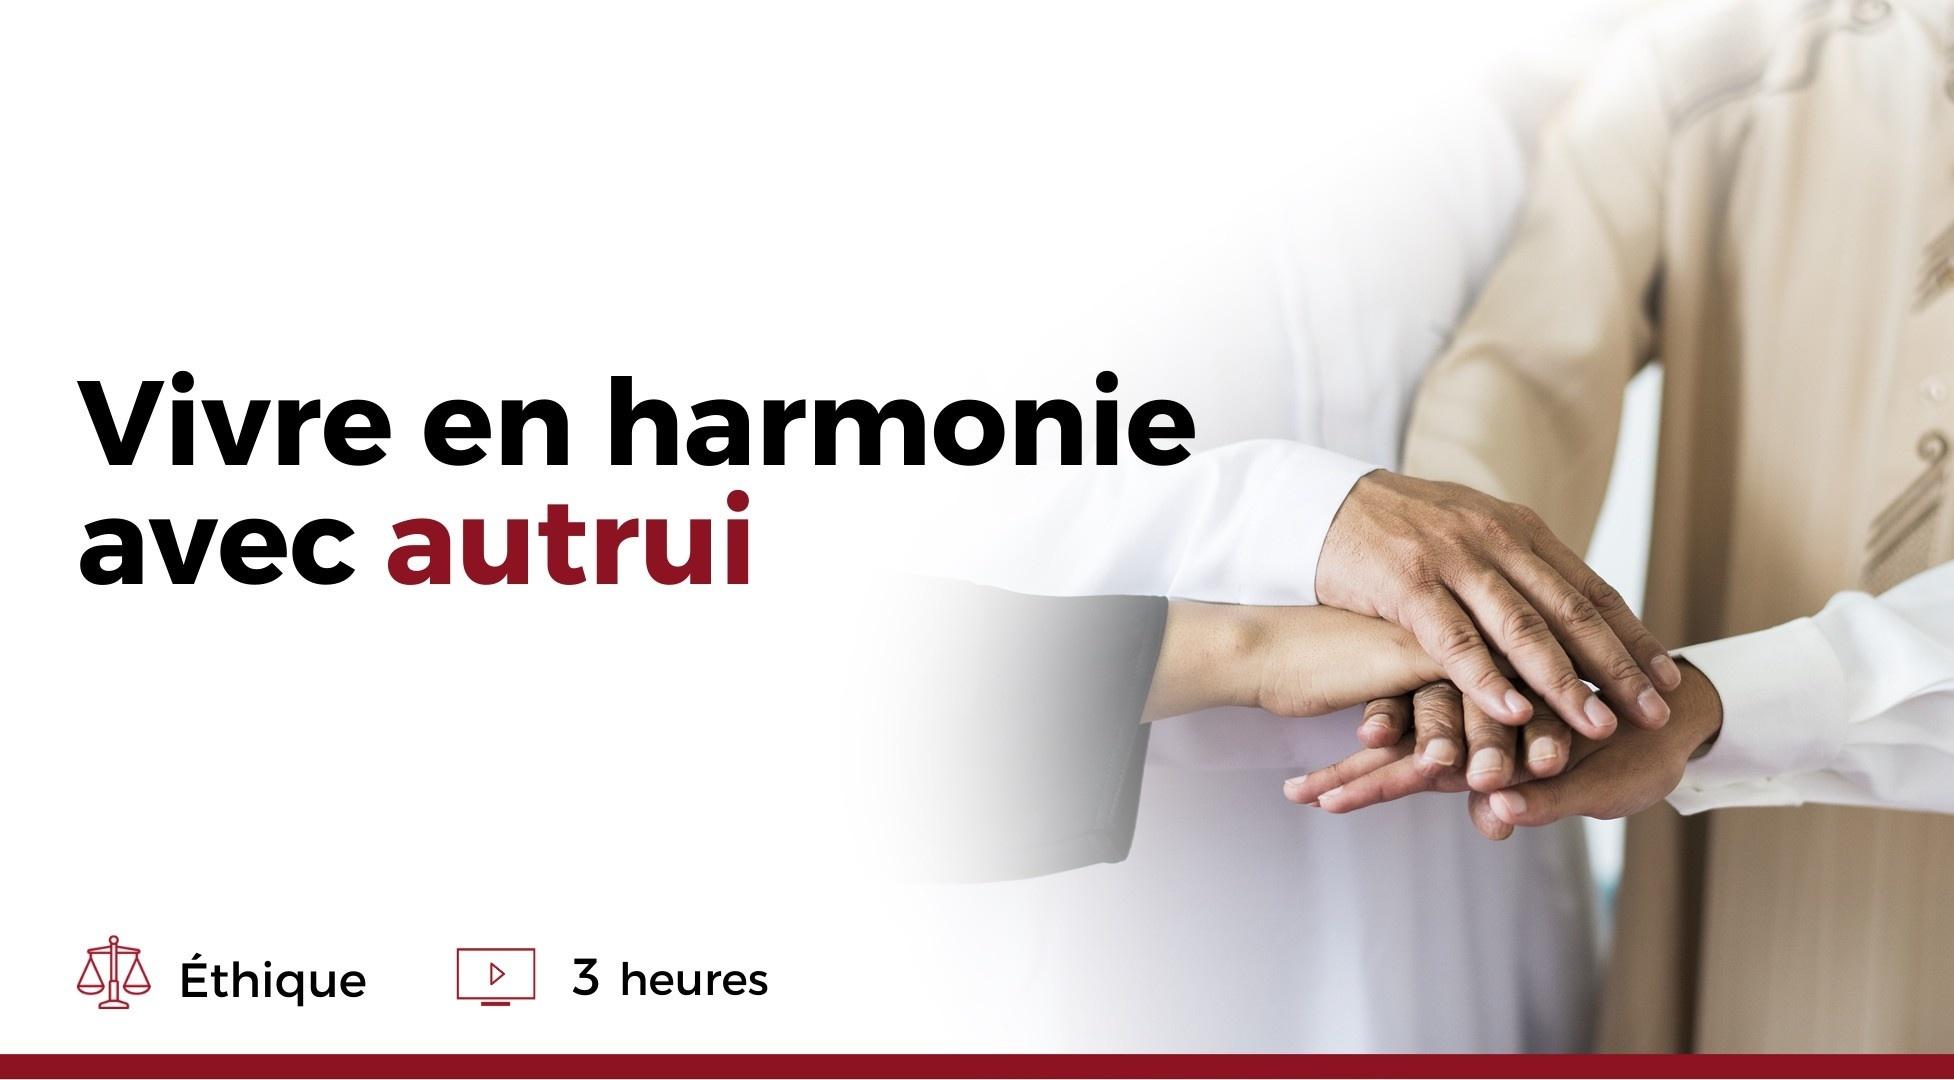 Vivre en harmonie avec autrui